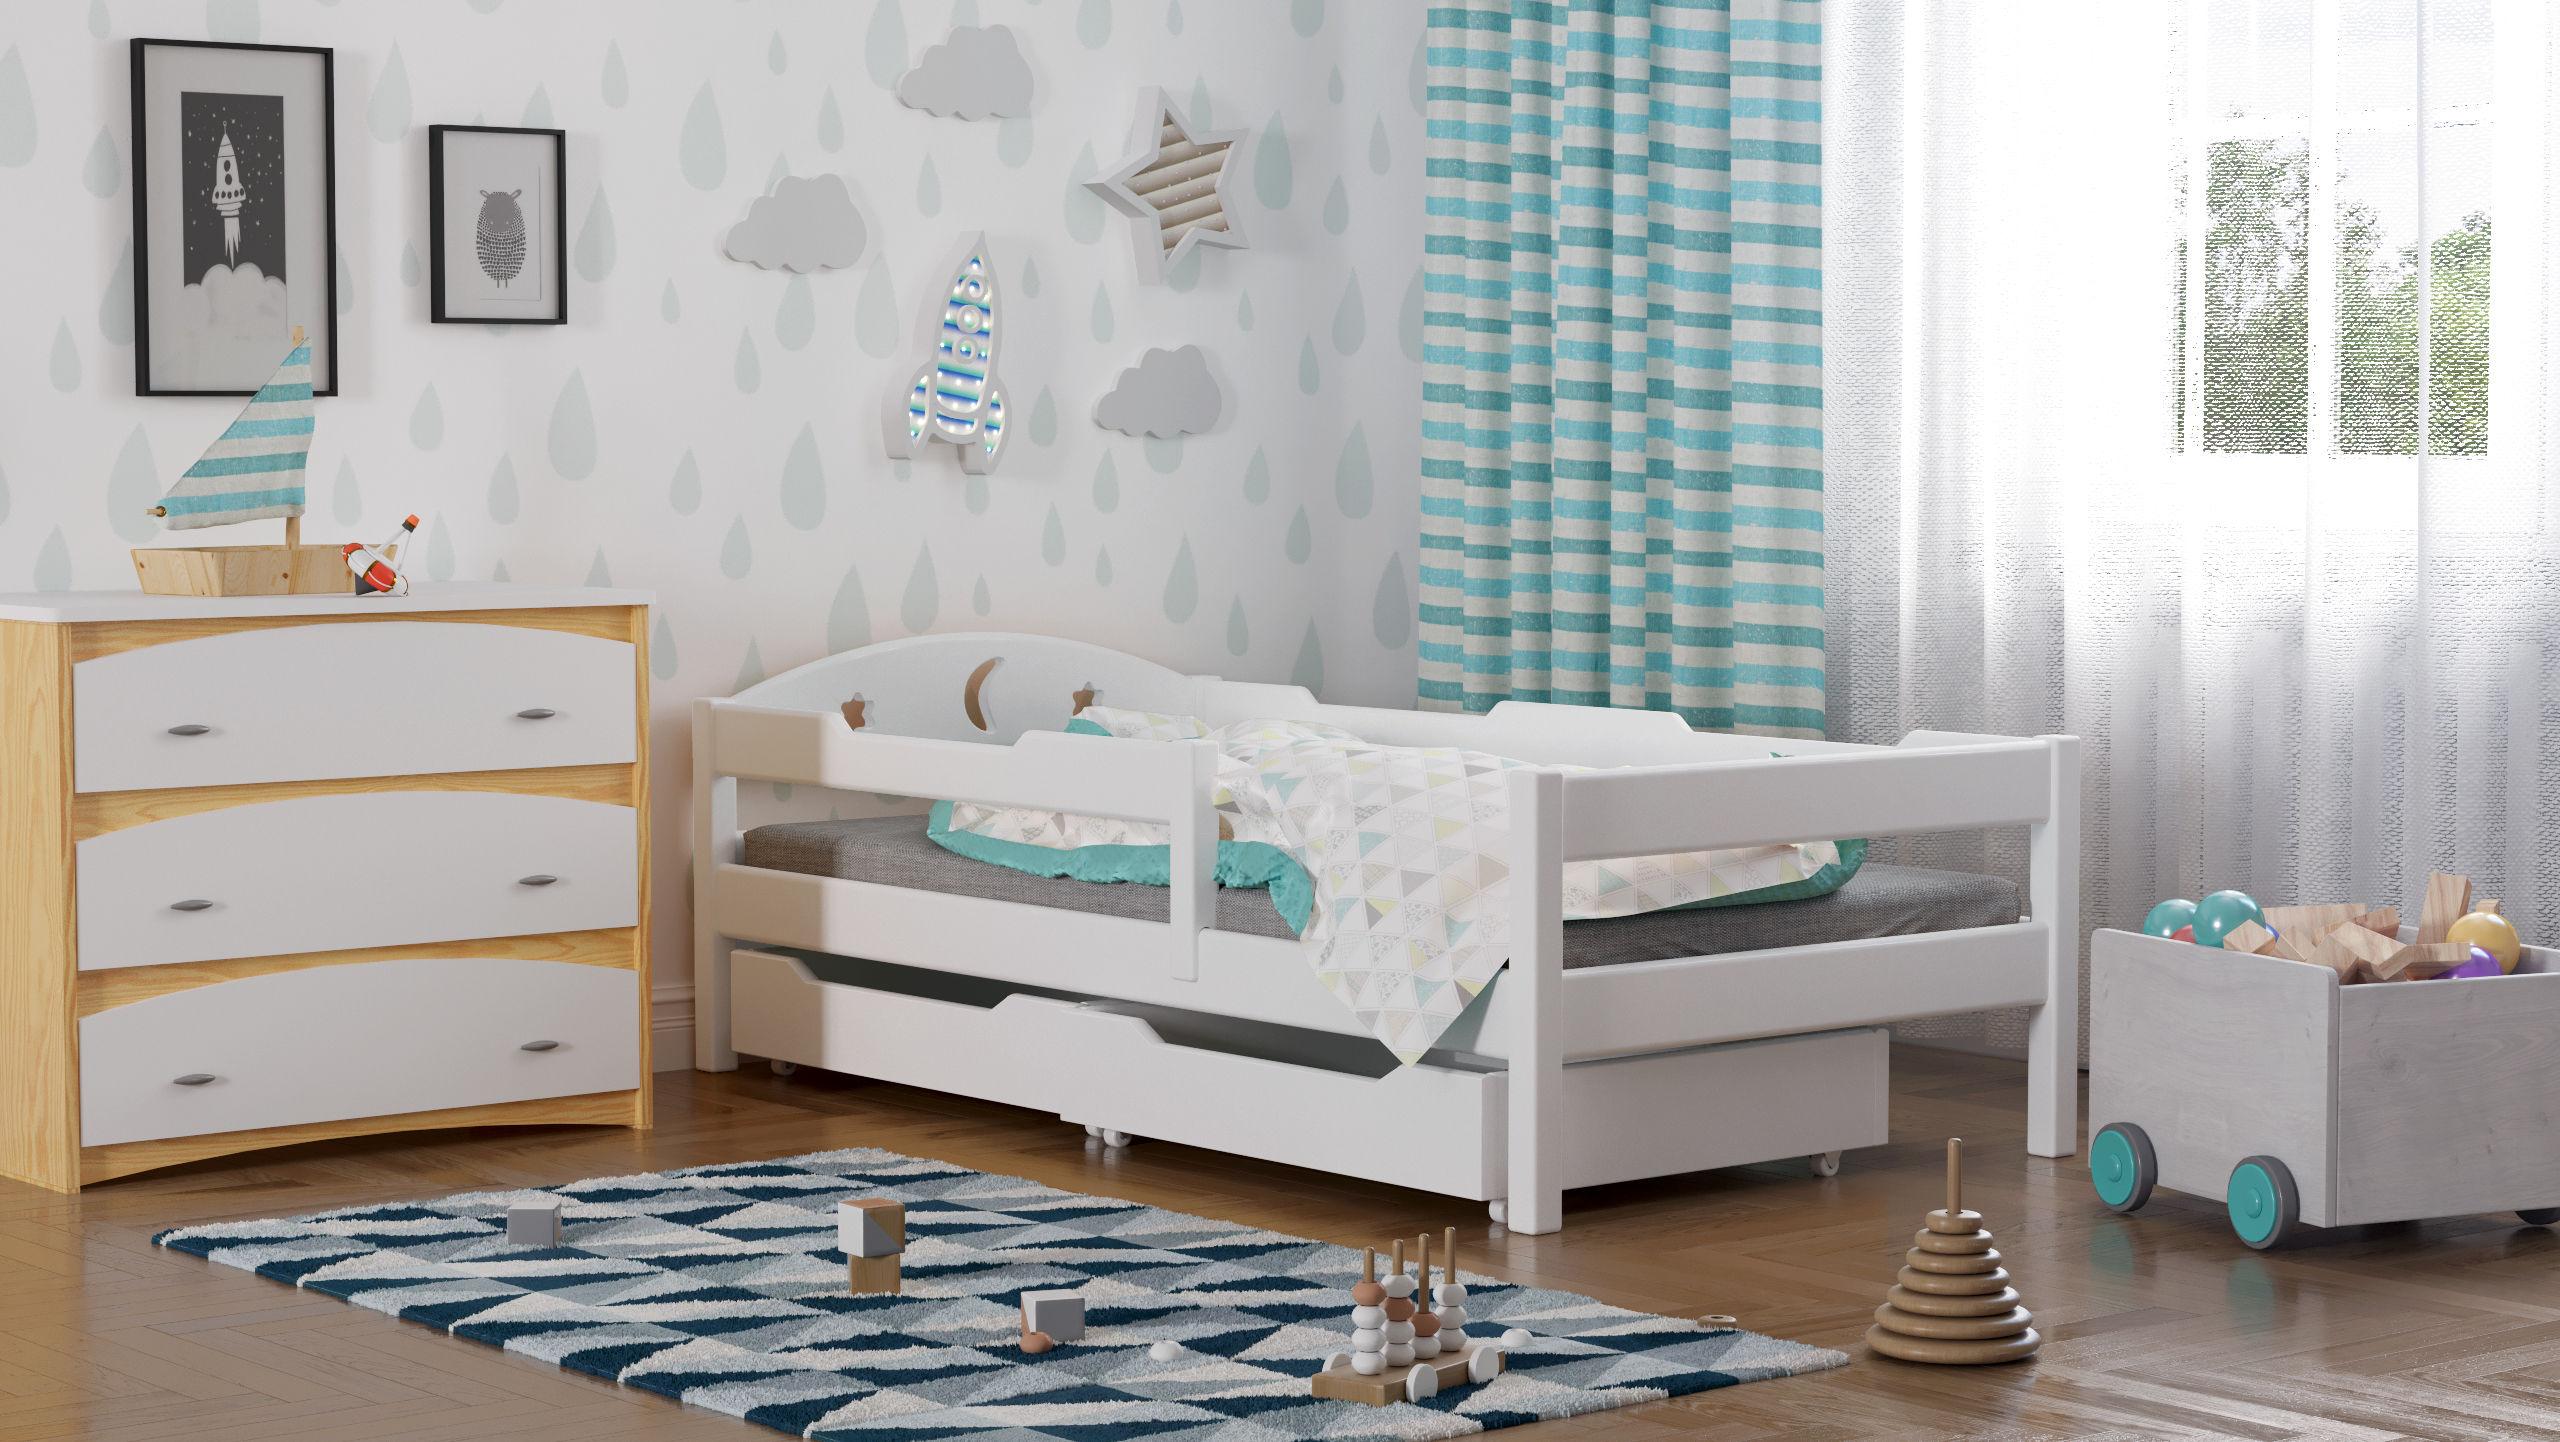 Łóżko dla dzieci pojedyncze Oliwka